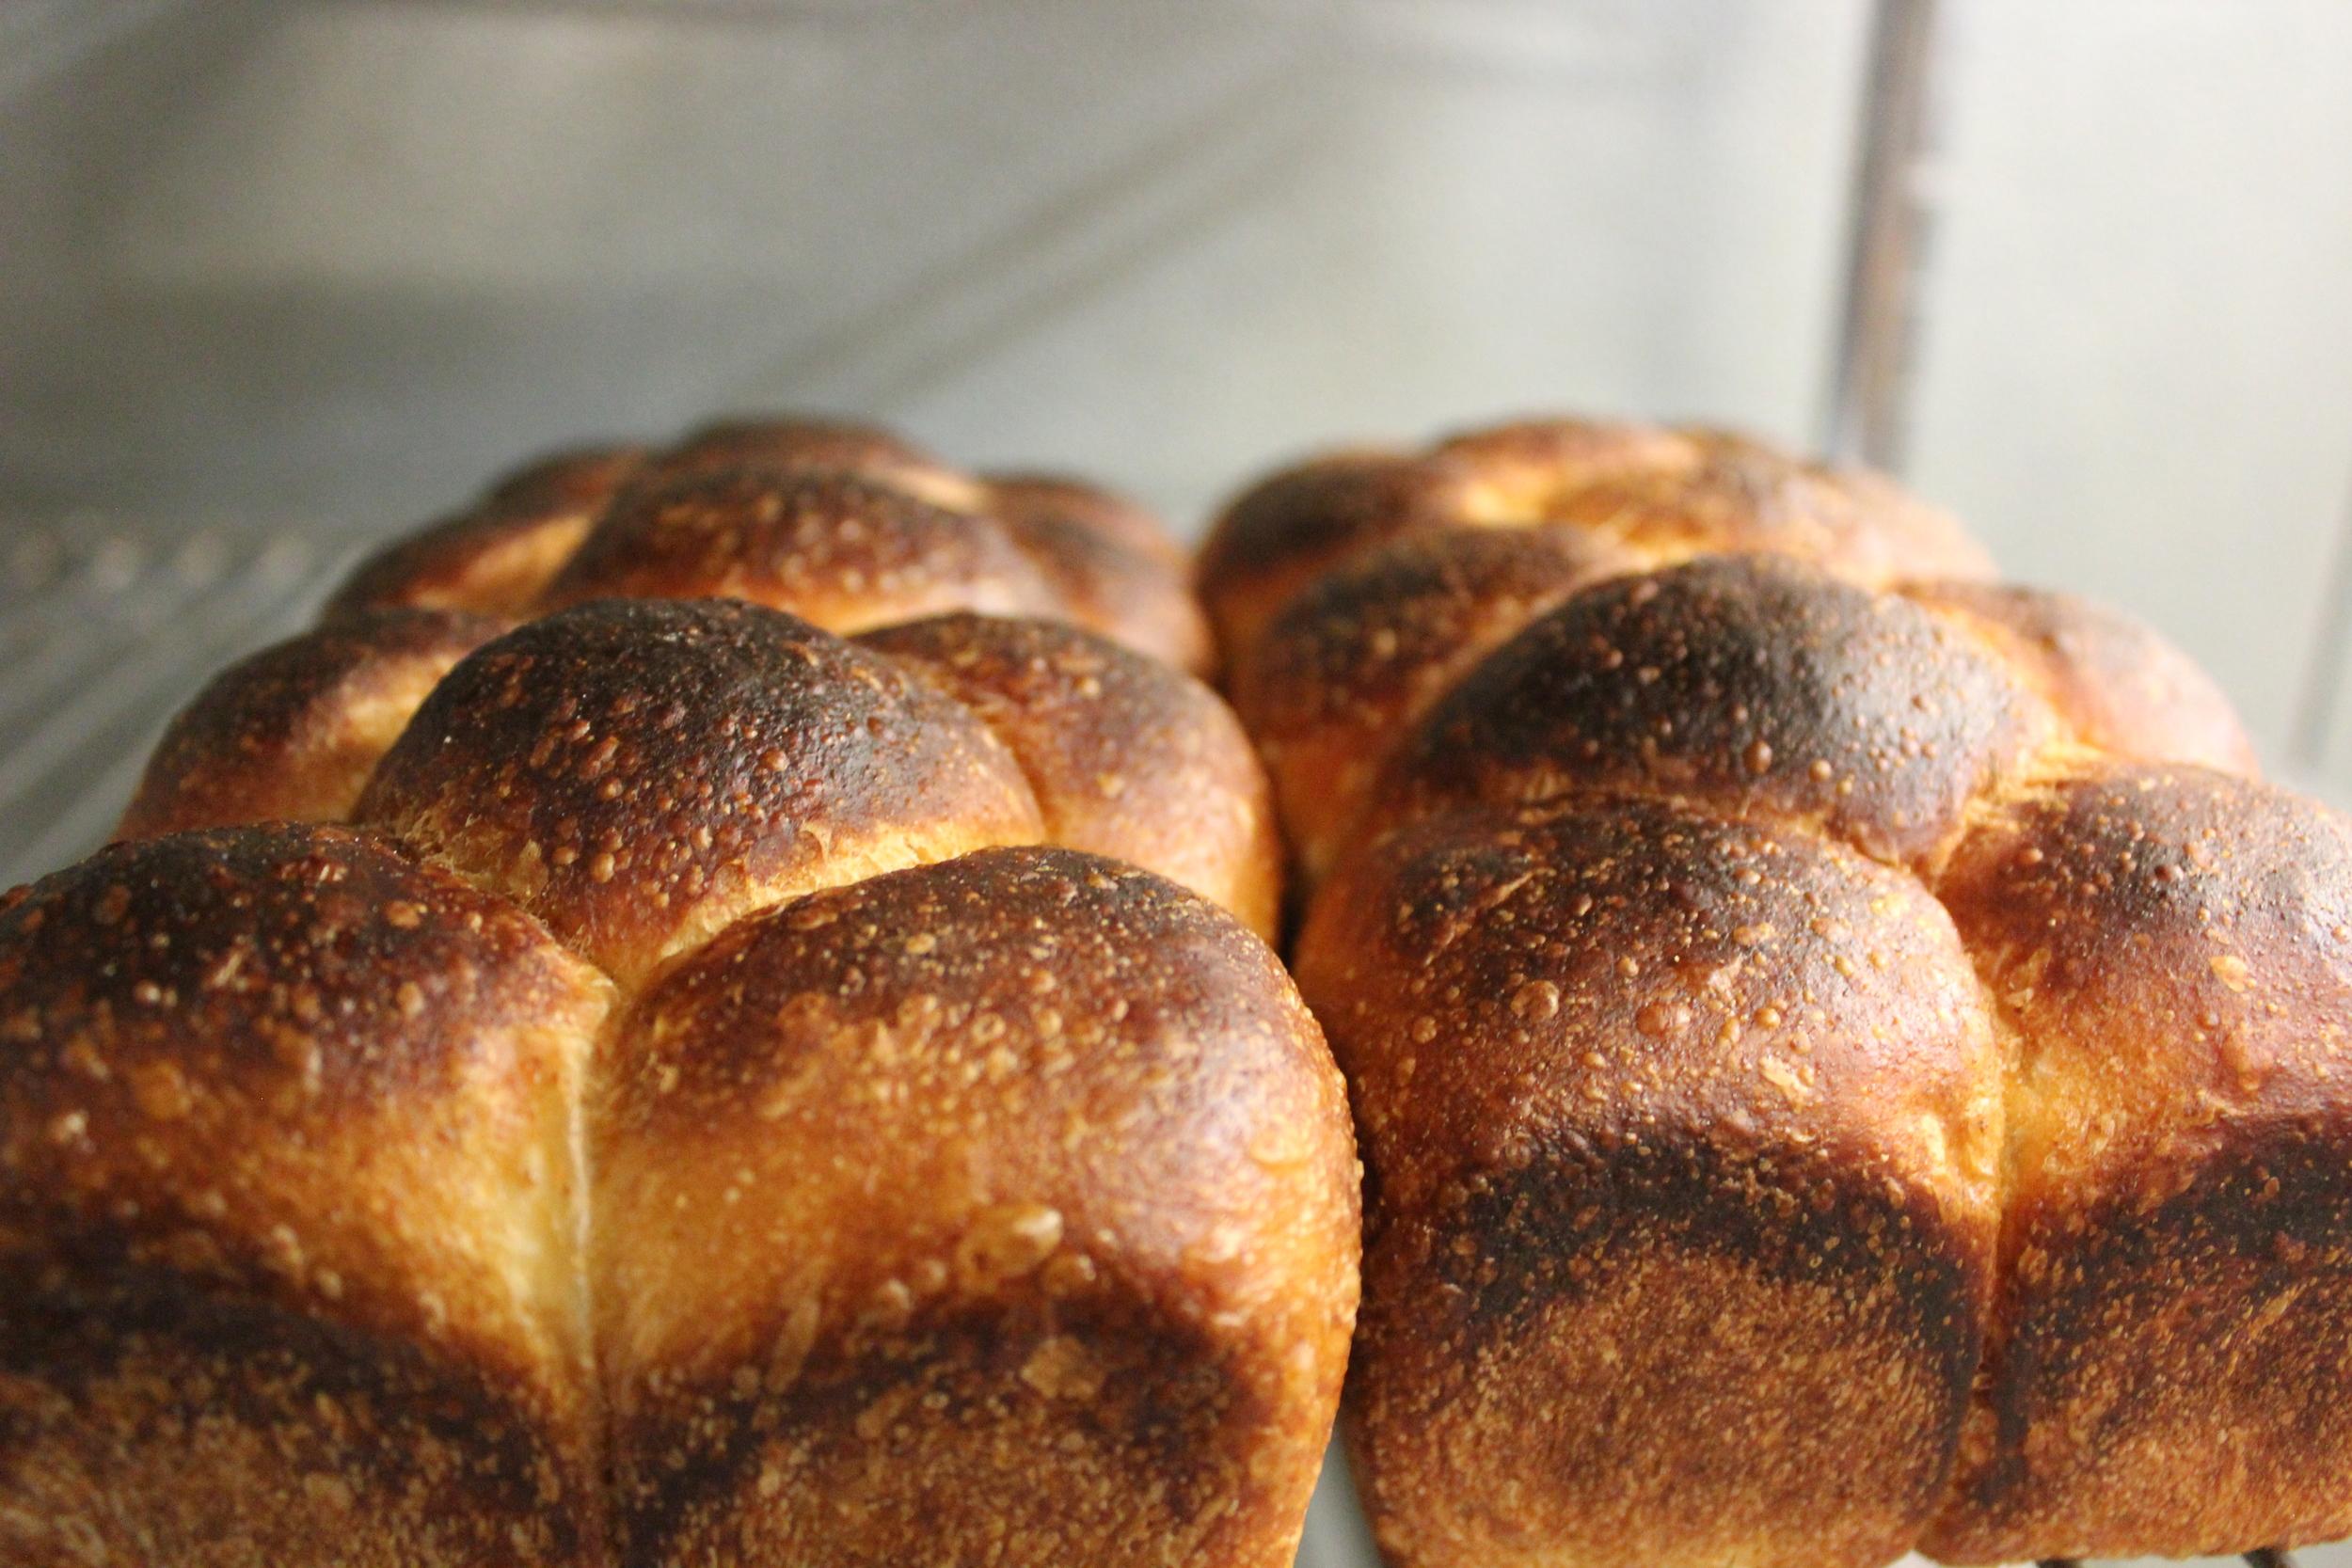 Dillon's fresh baked dinner rolls